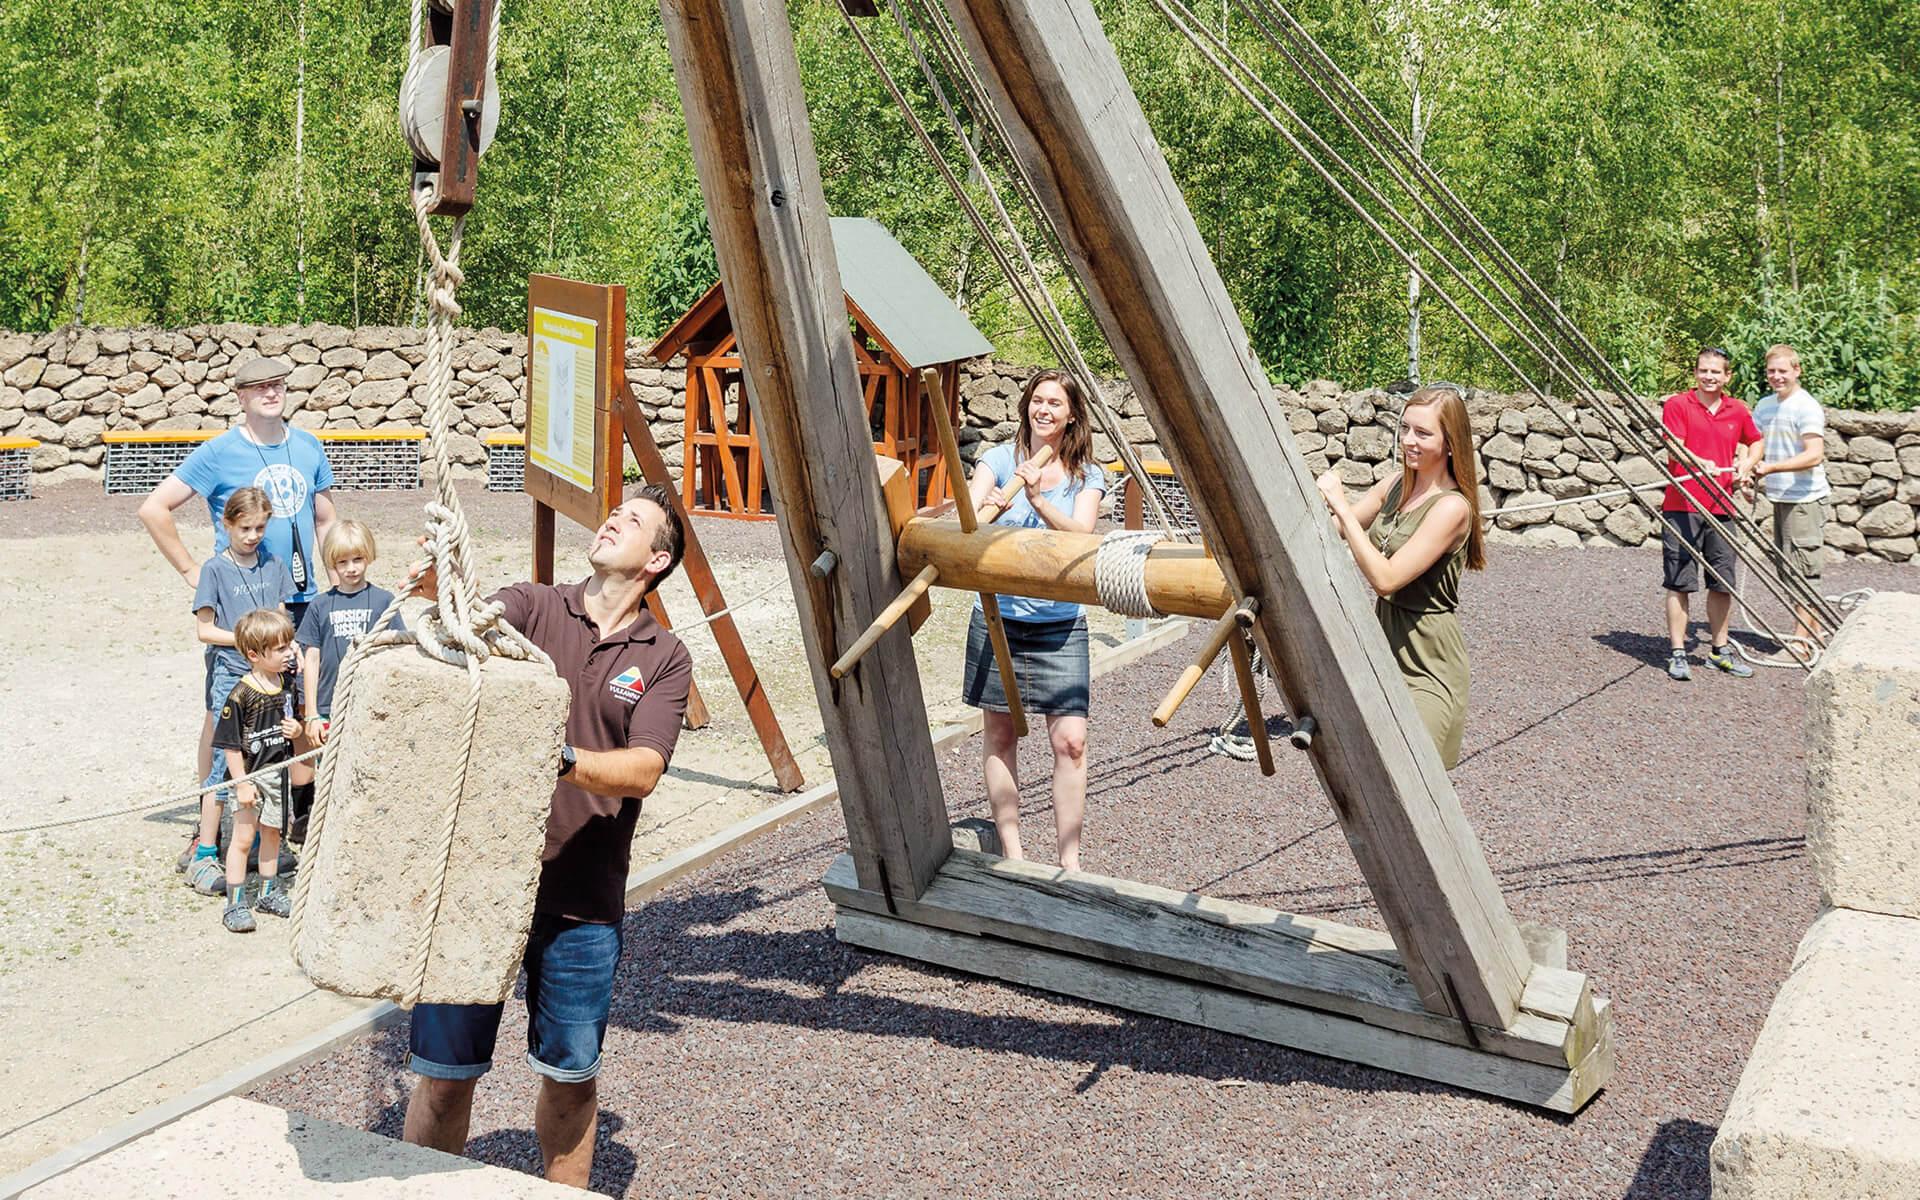 Vulkanpark, Römerbergwerk Meurin. Gemeinsam mit einem Gästeführer nehmen Besucher den antiken Kran in Betrieb.